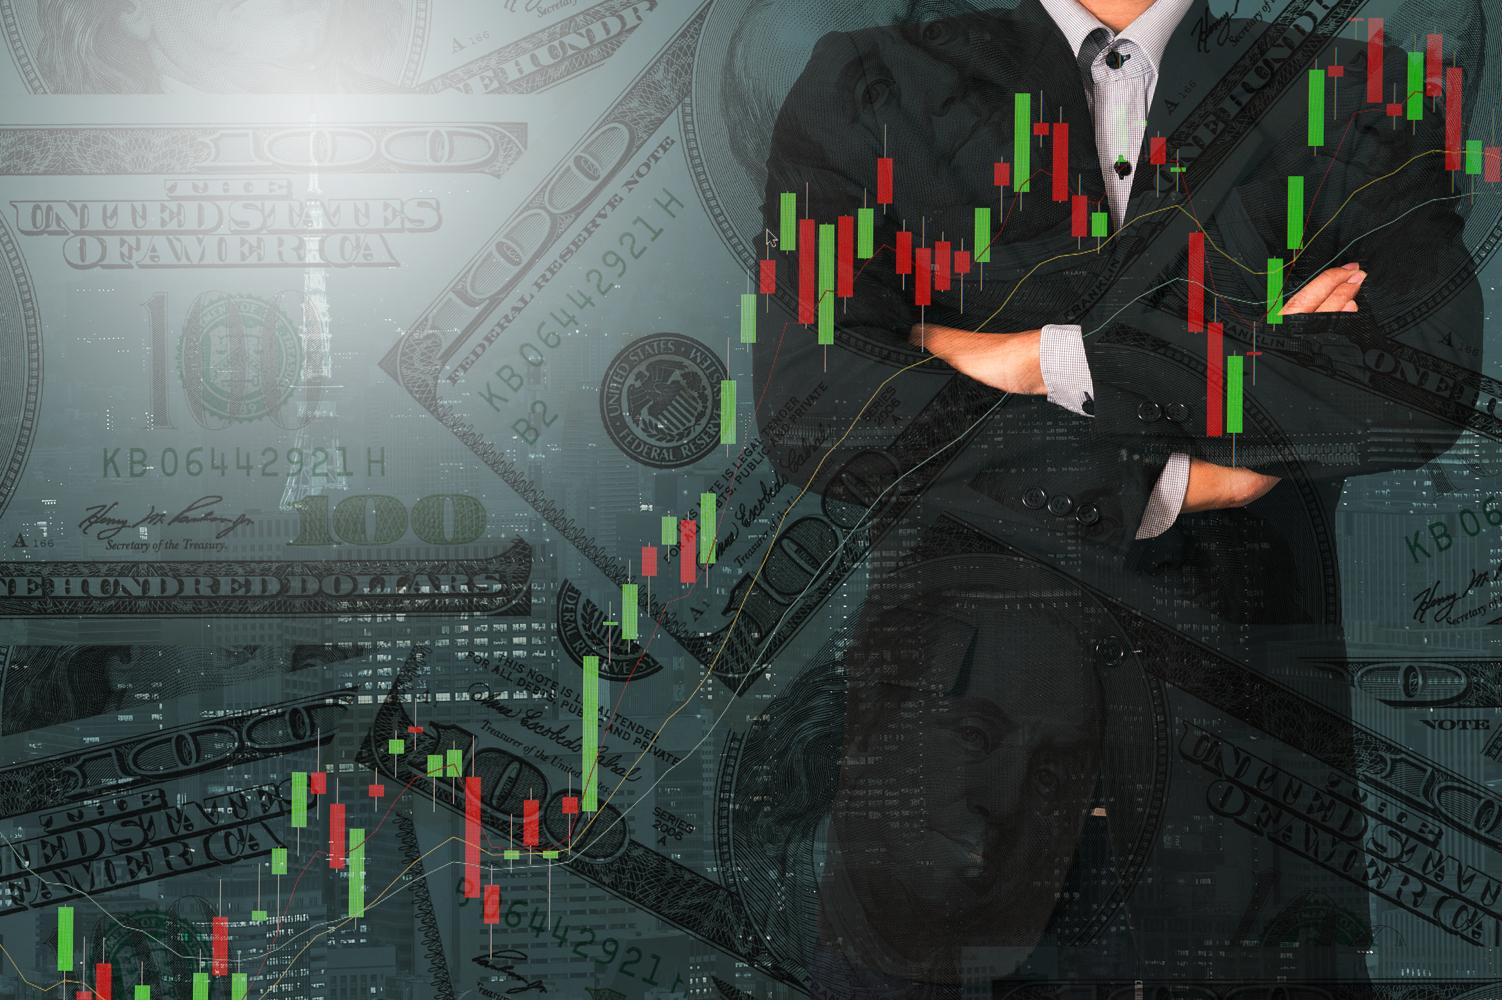 tranzacționarea opțiunilor este o afacere strategii de opțiuni binare pe scară